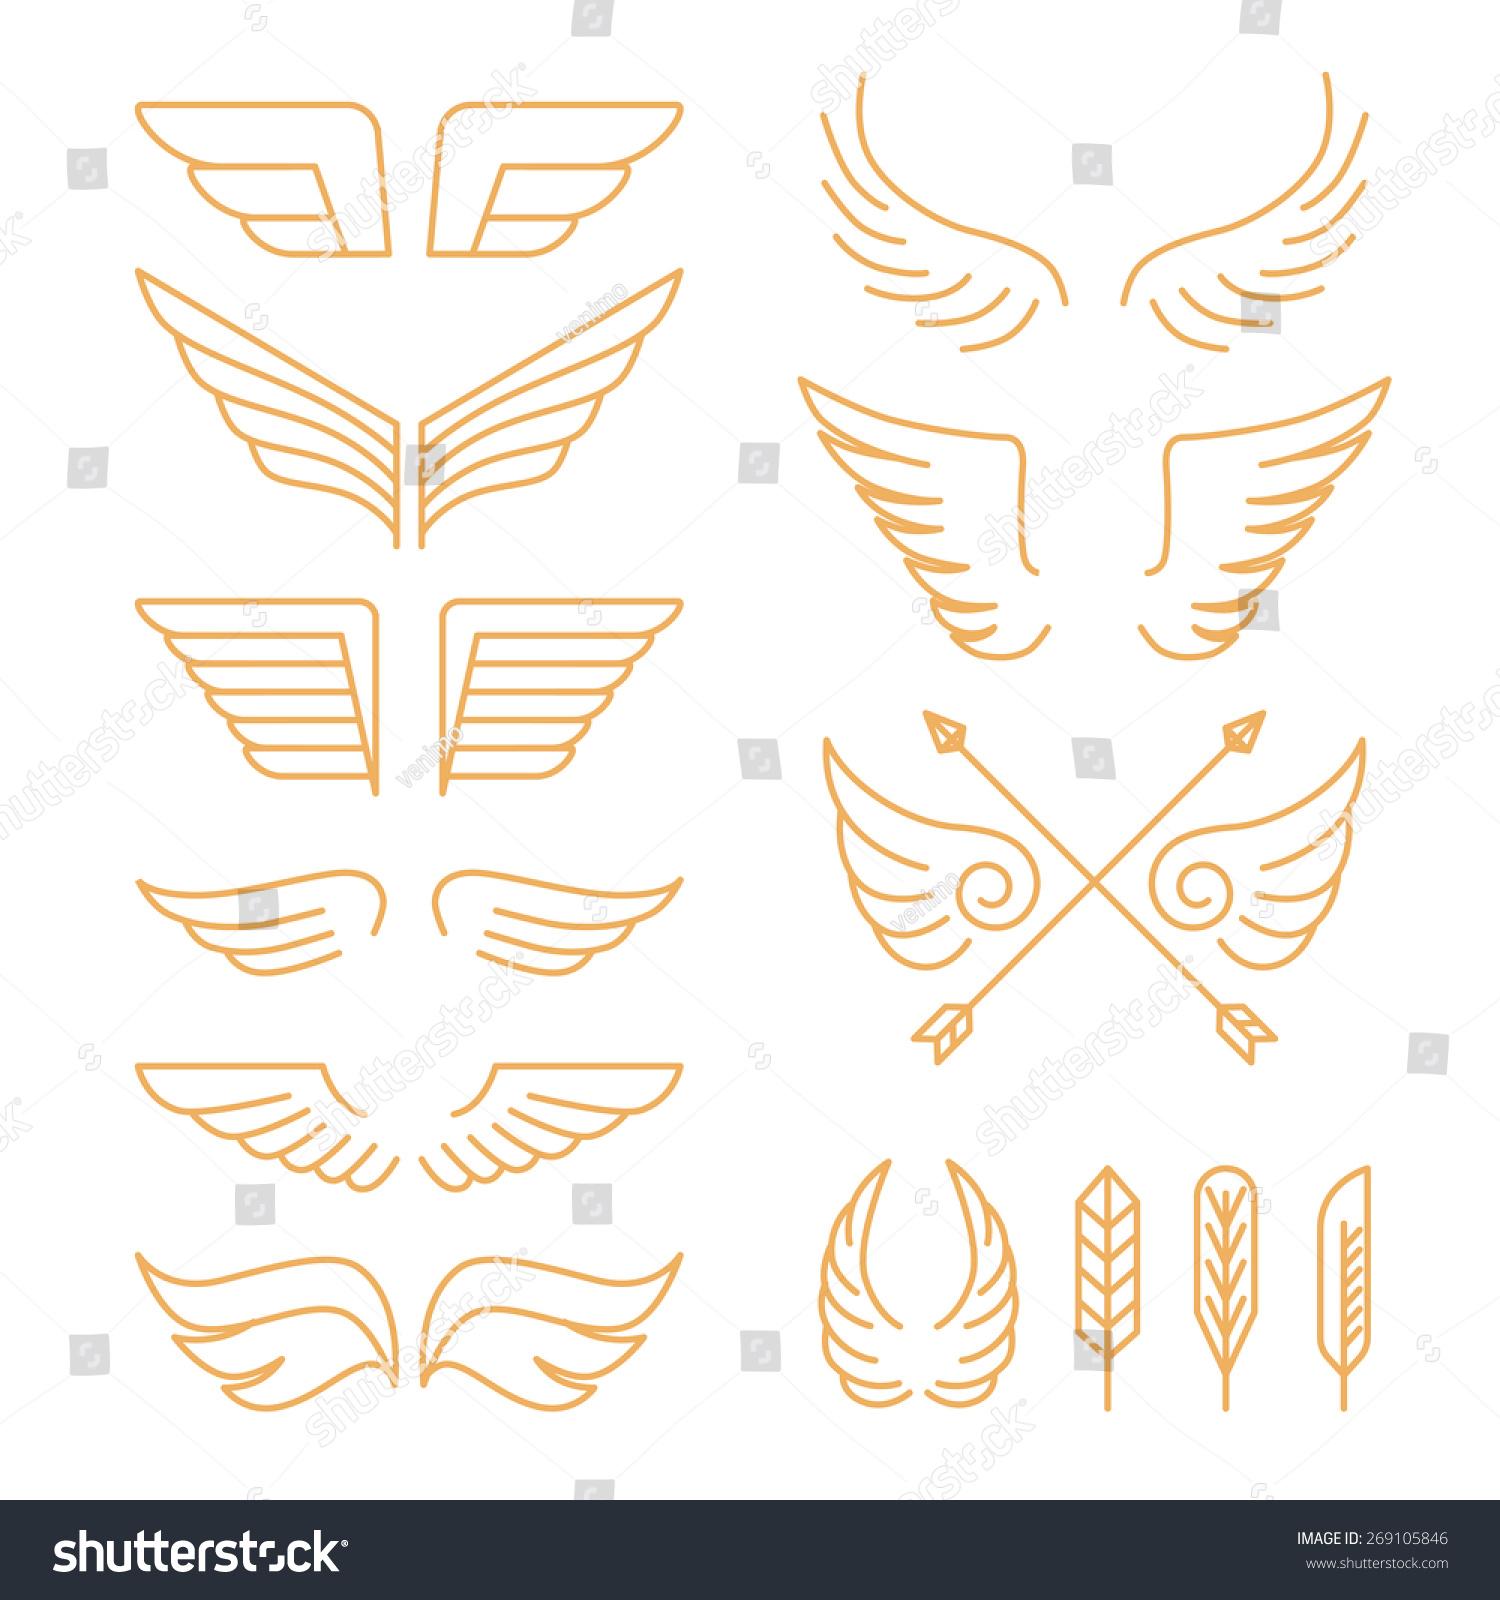 翅膀符号图案大全图片